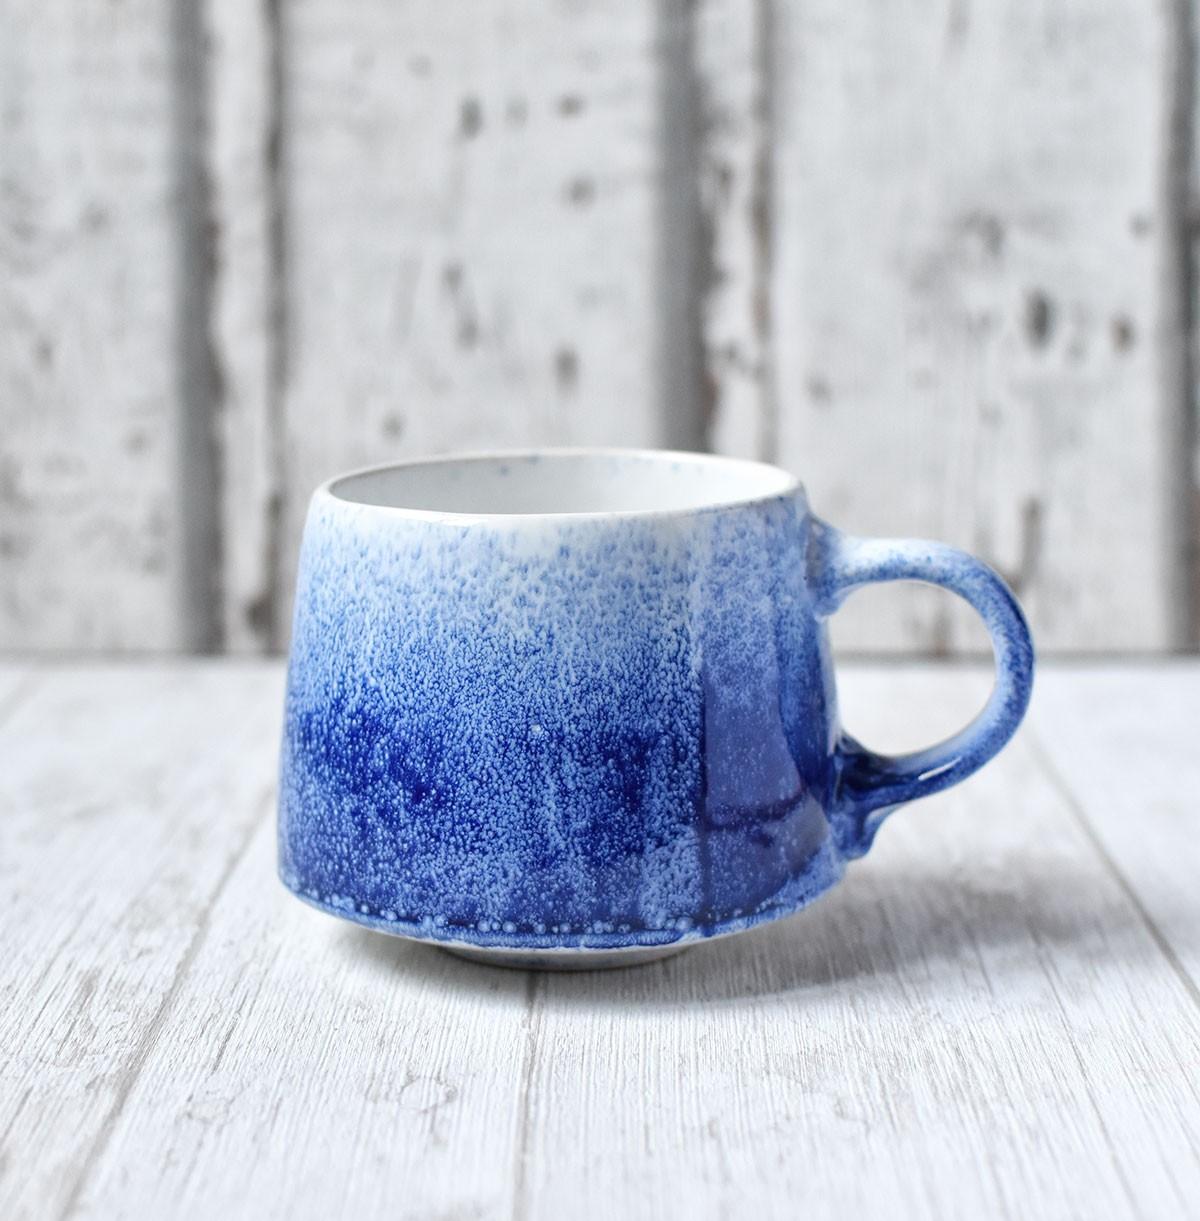 """картинка Чашка ручной работы """"Синий-синий иней"""" - DishWishes.Ru"""